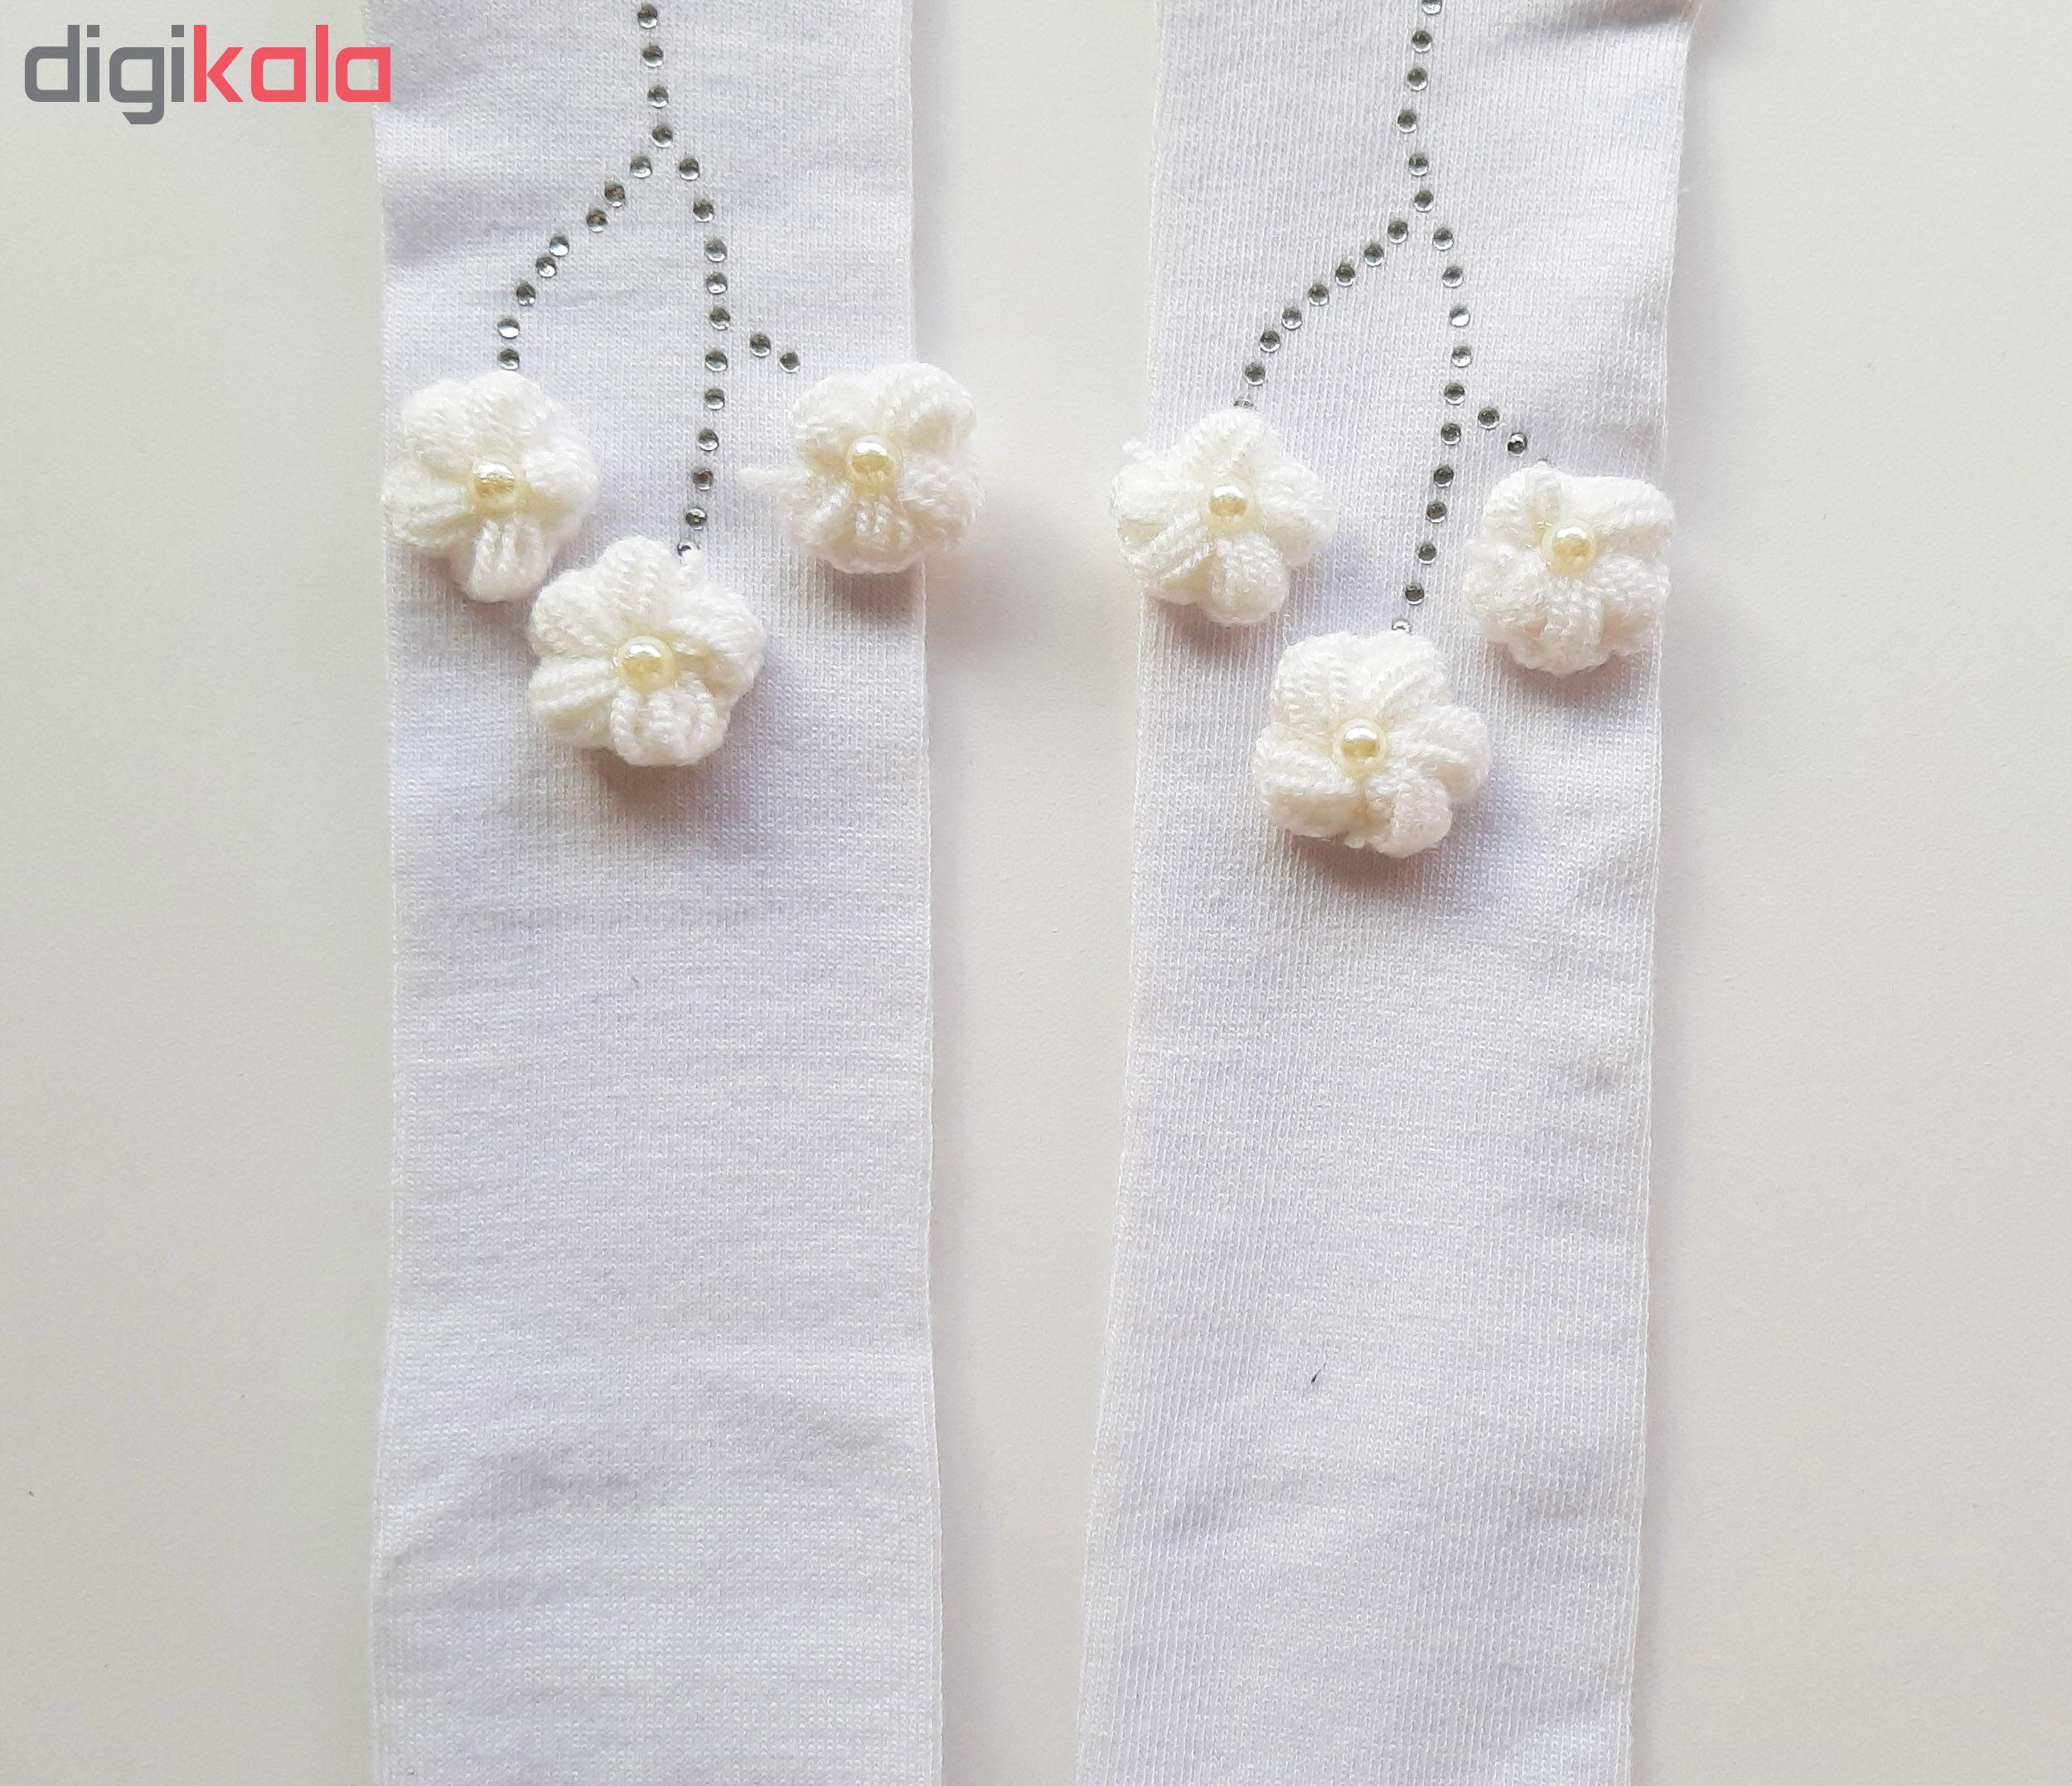 جوراب شلواری نوزادی دخترانه کد 3300 رنگ سفید main 1 2